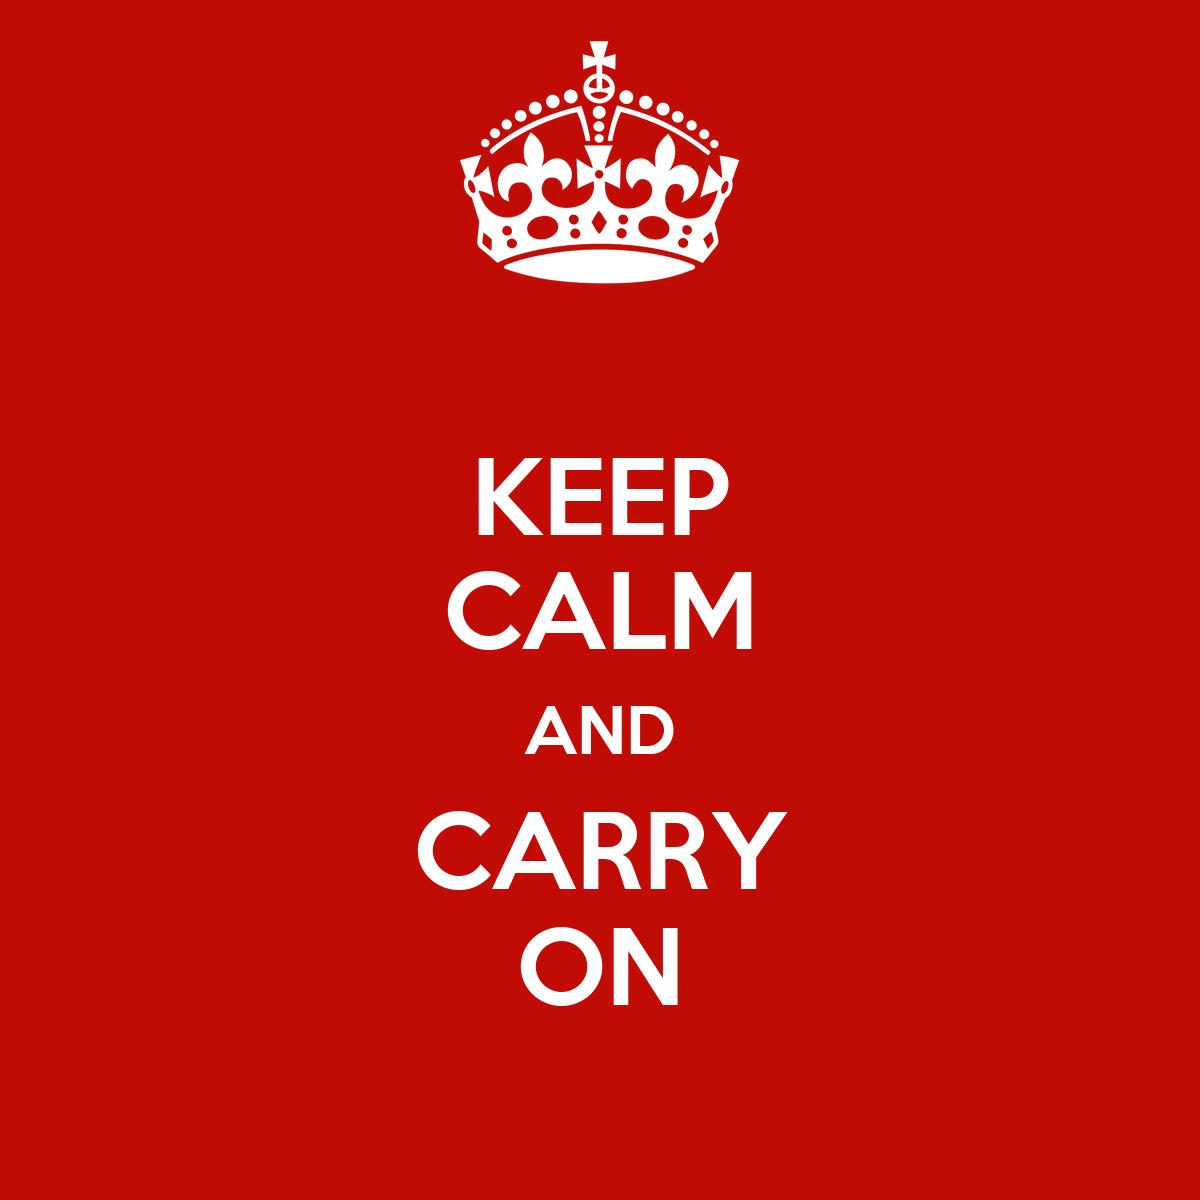 keep calm and carry on keep calm and carry on image generator. Black Bedroom Furniture Sets. Home Design Ideas